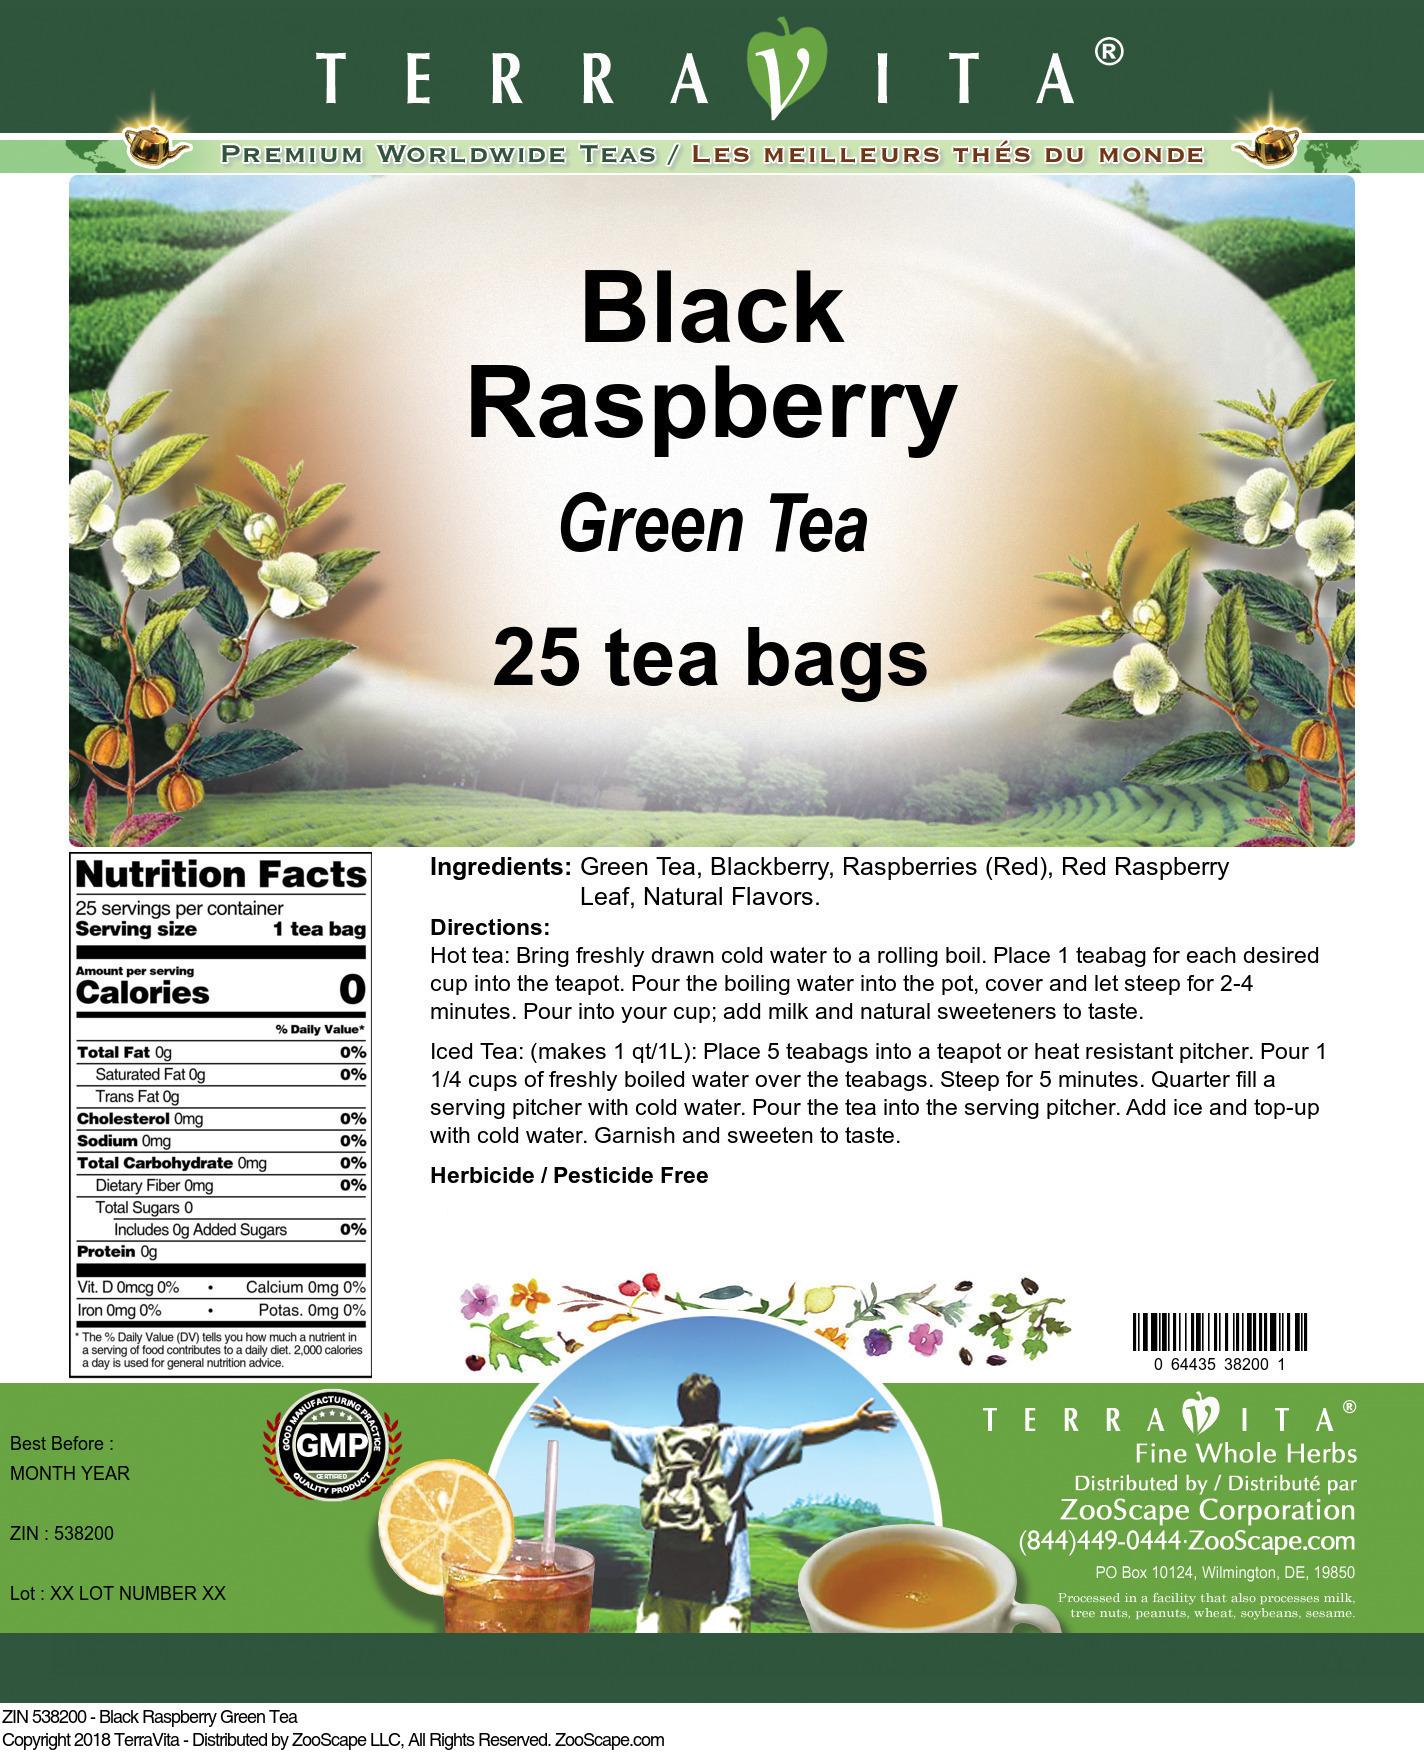 Black Raspberry Green Tea